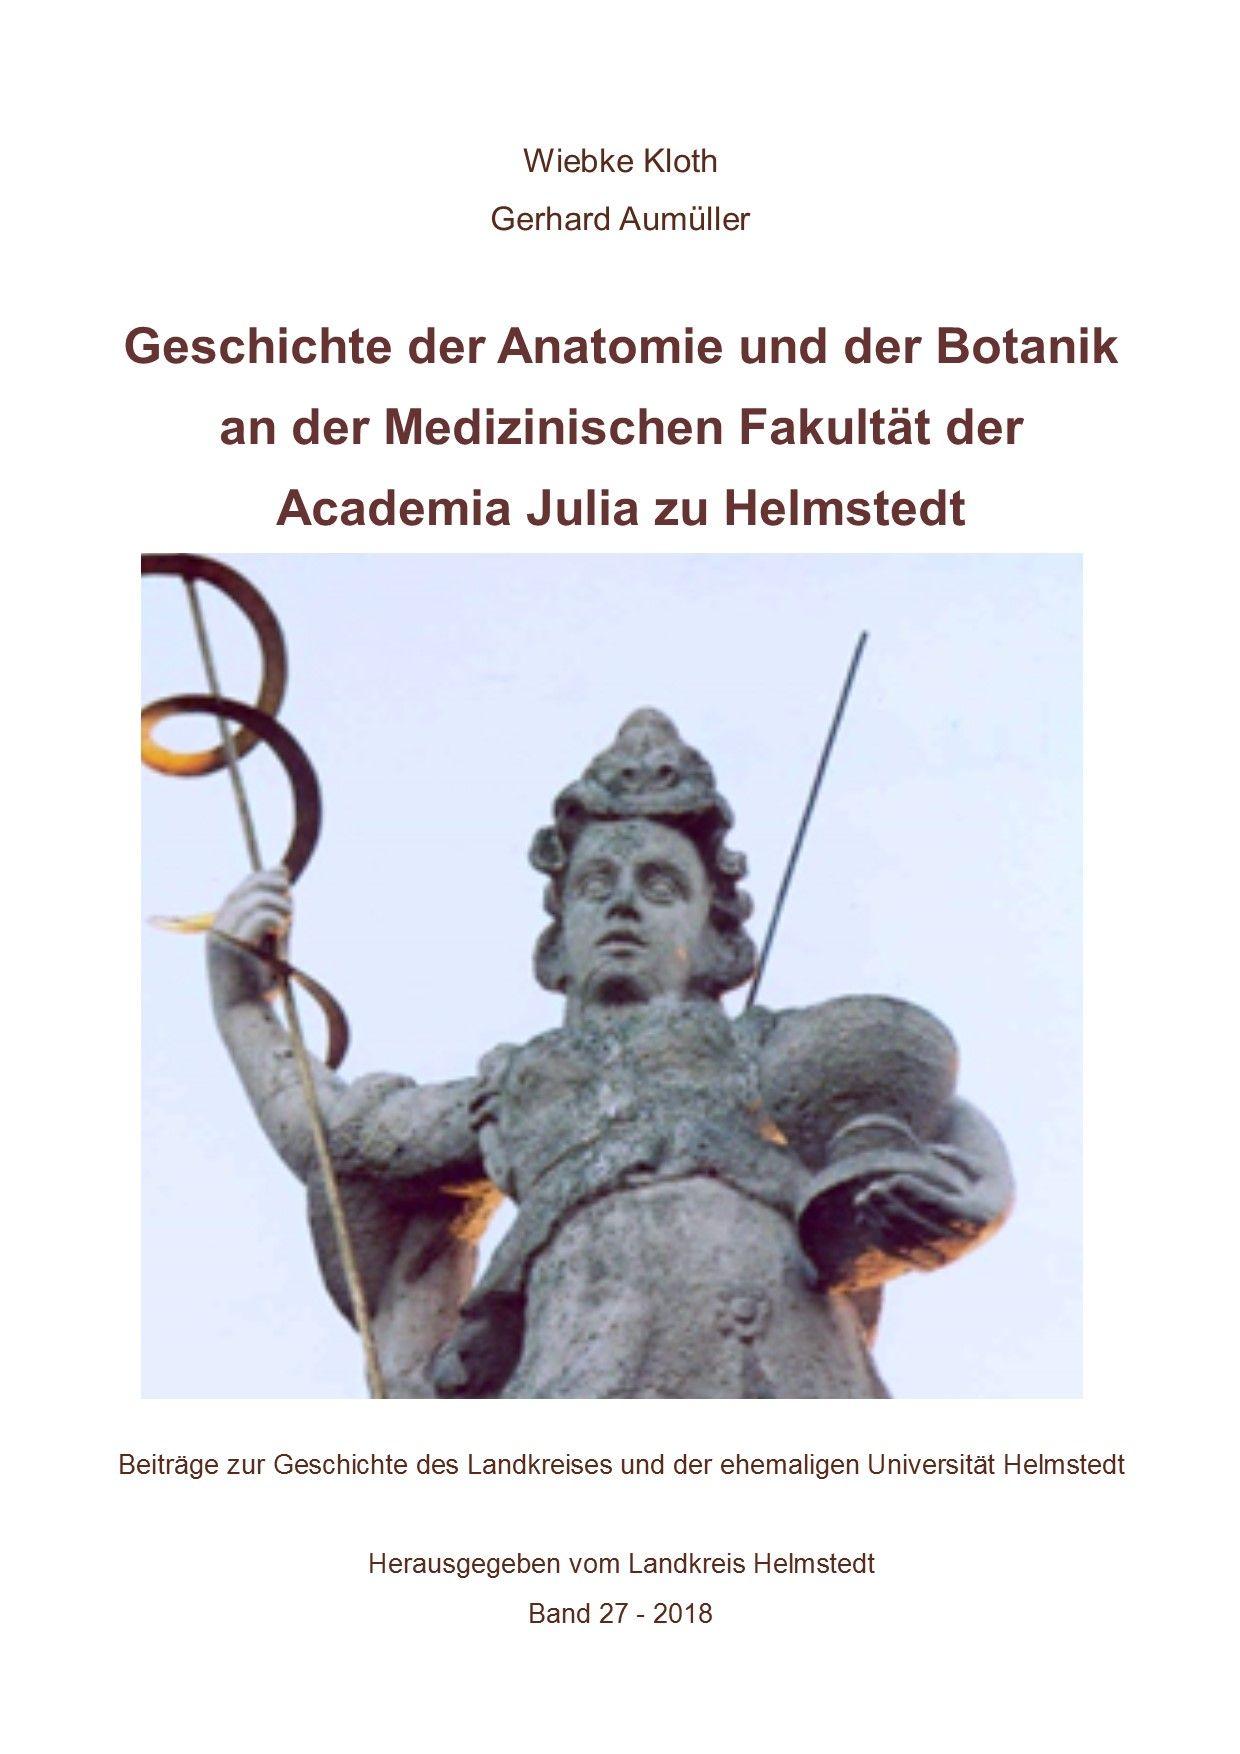 Geschichte der Anatomie und der Botanik an der Medizinischen Fakultät